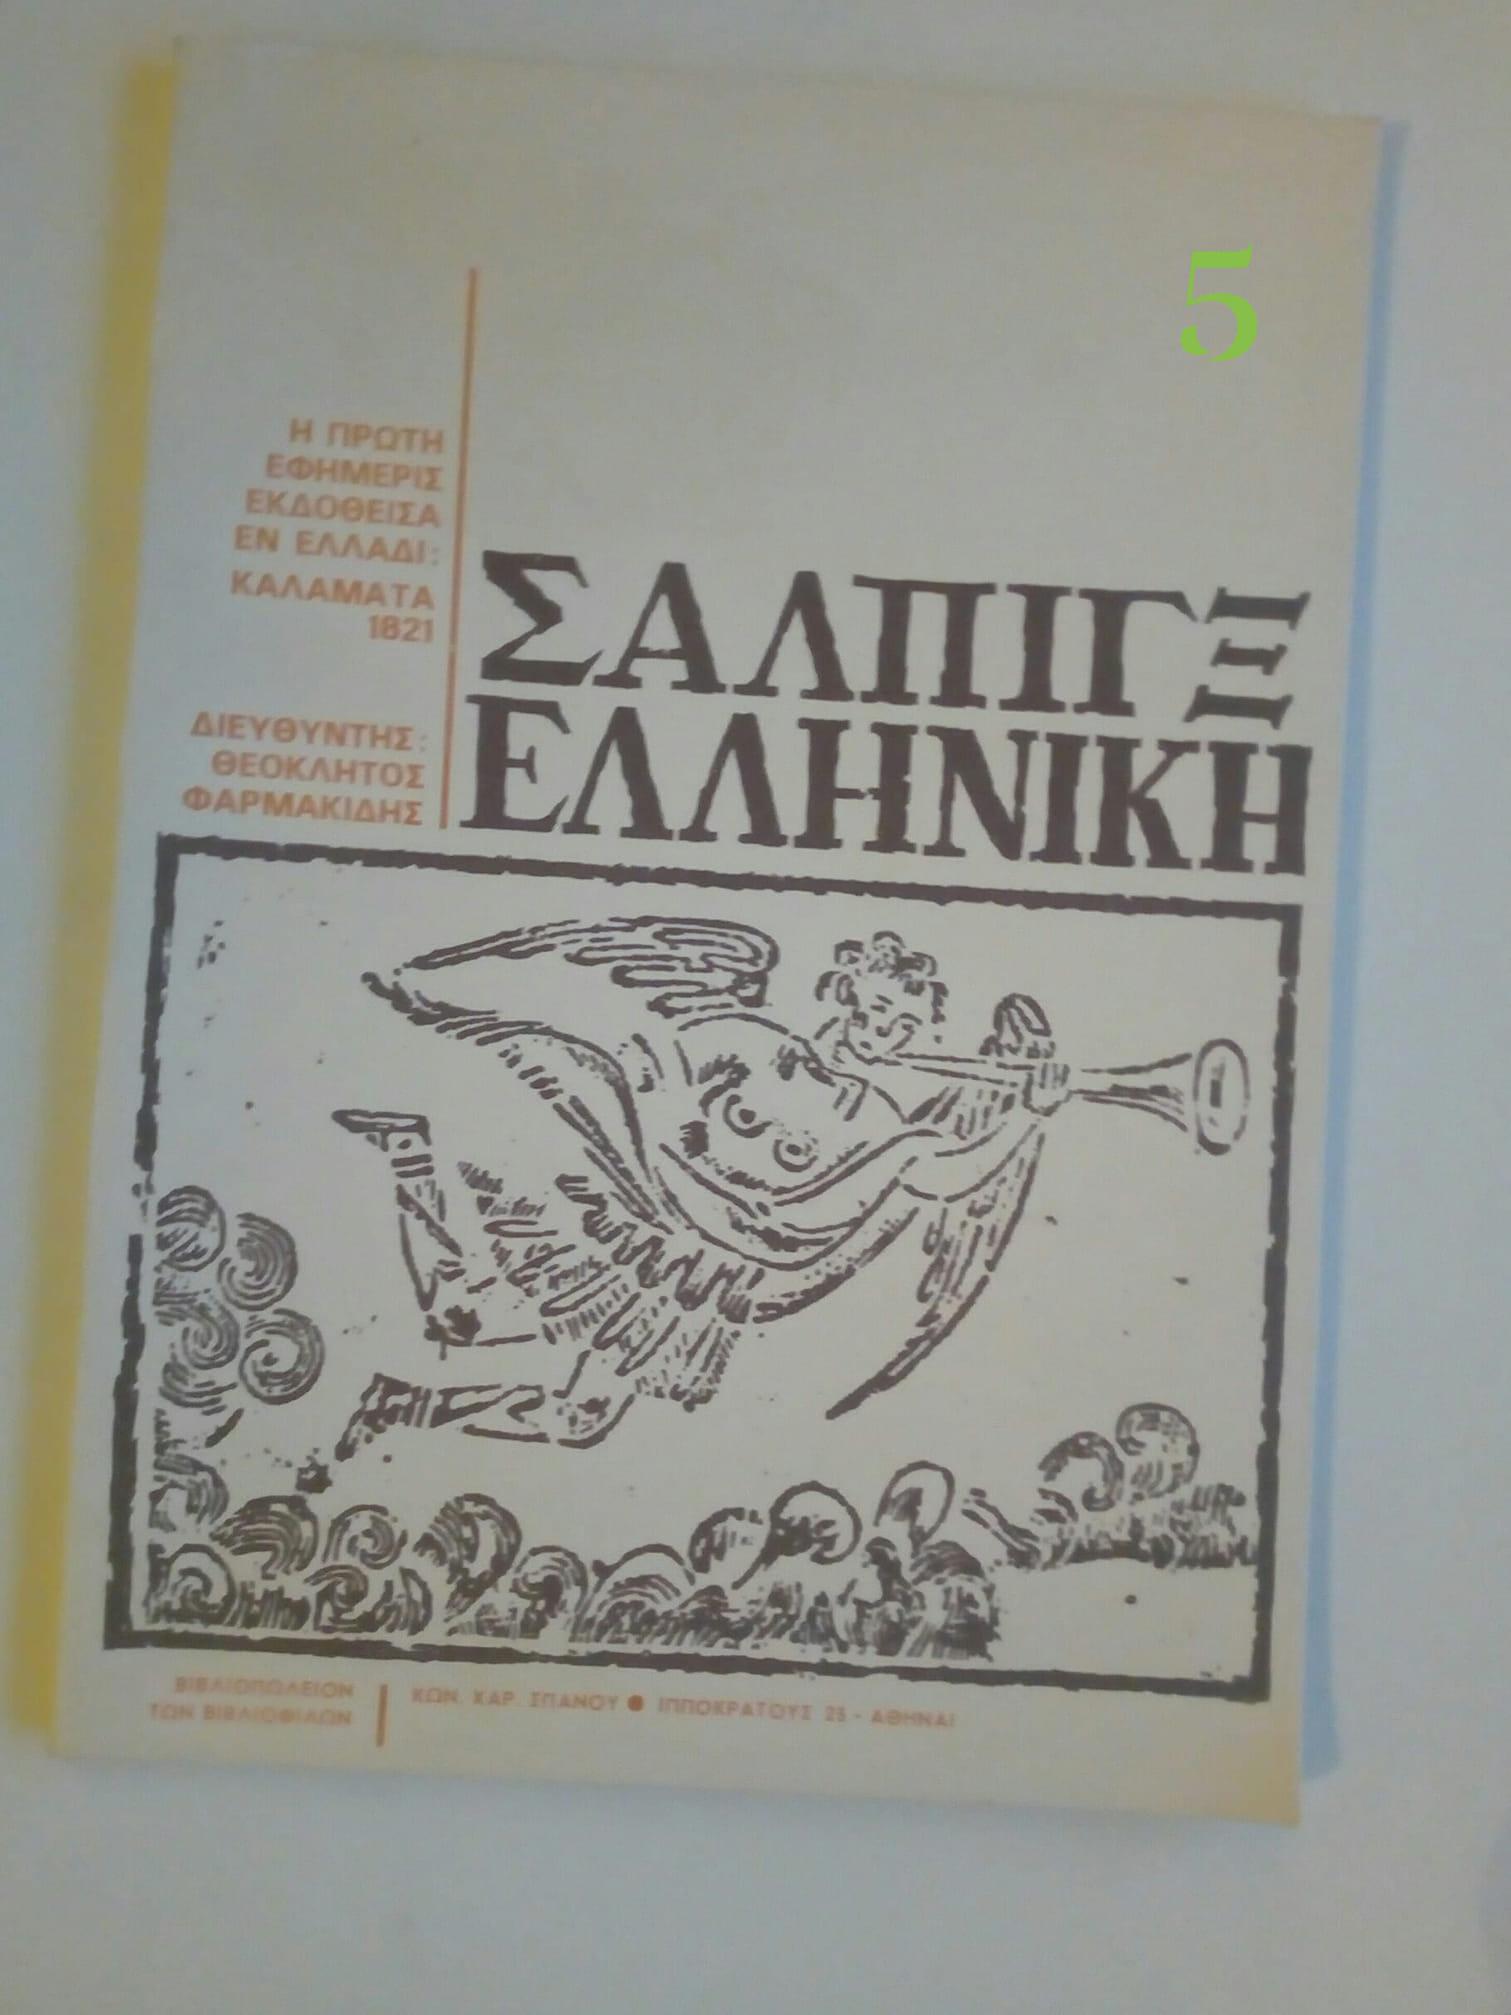 Σάλπιξ Ελληνική 1975